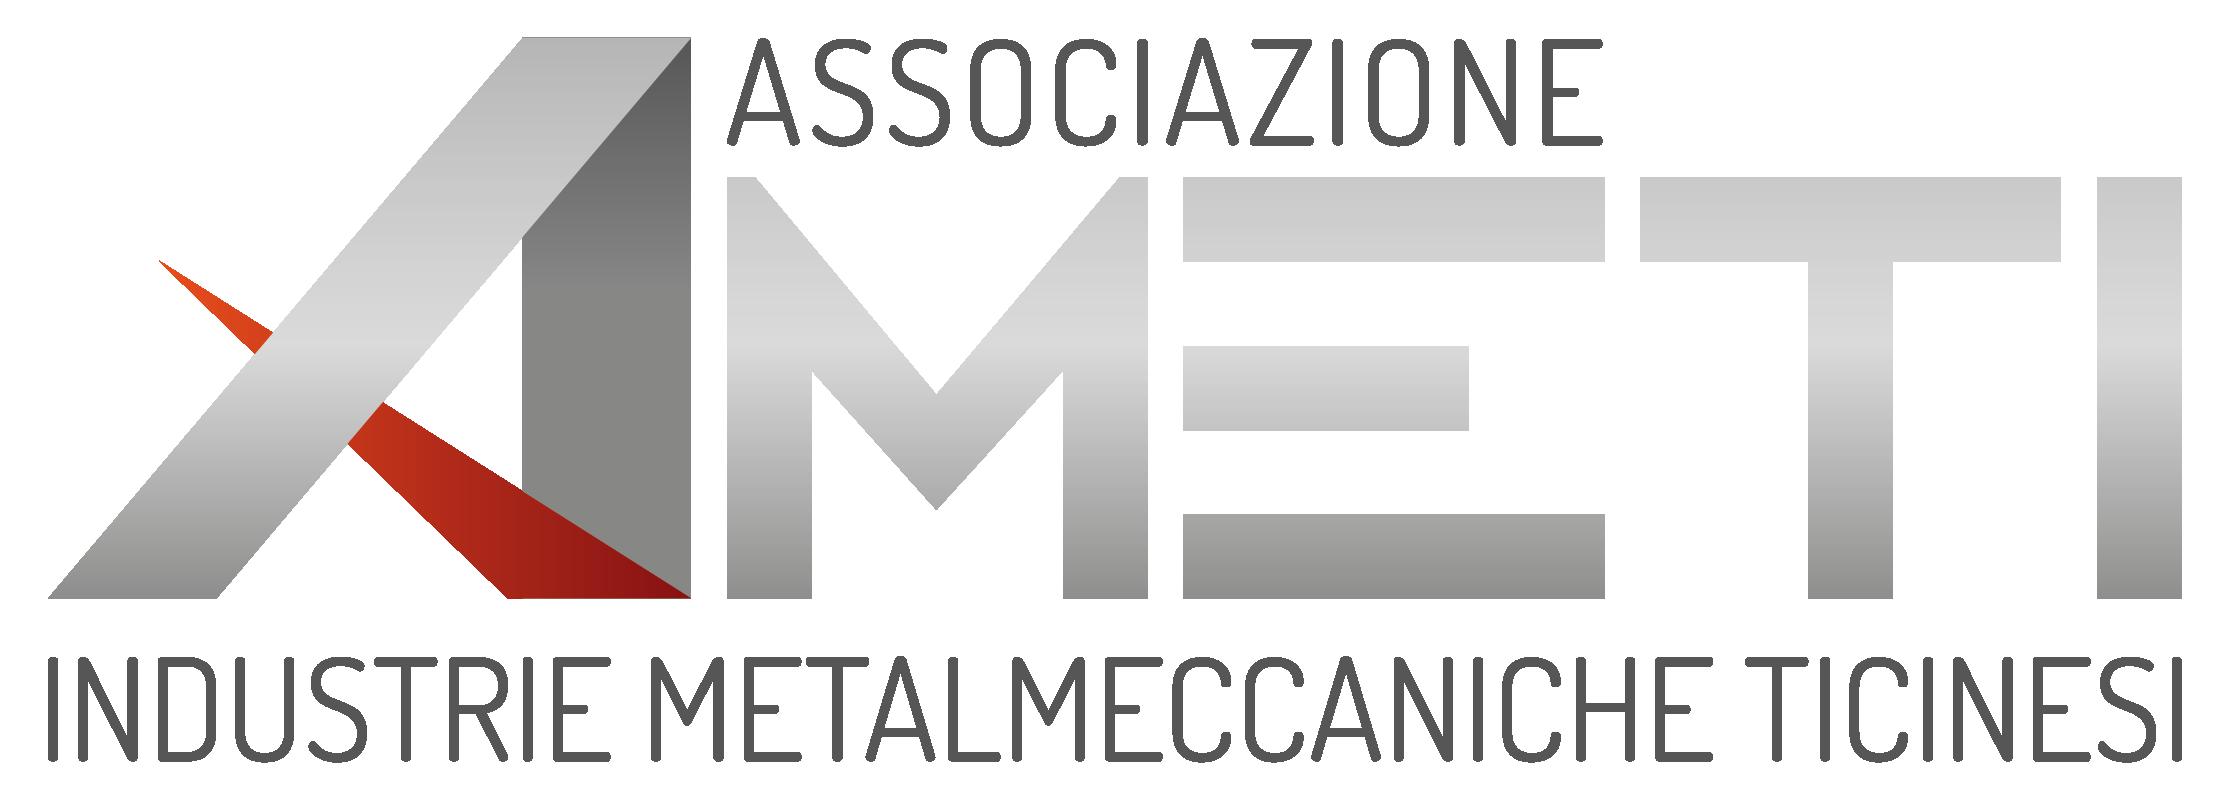 AMETI - Associazione Industrie Metalmeccaniche Ticinesi